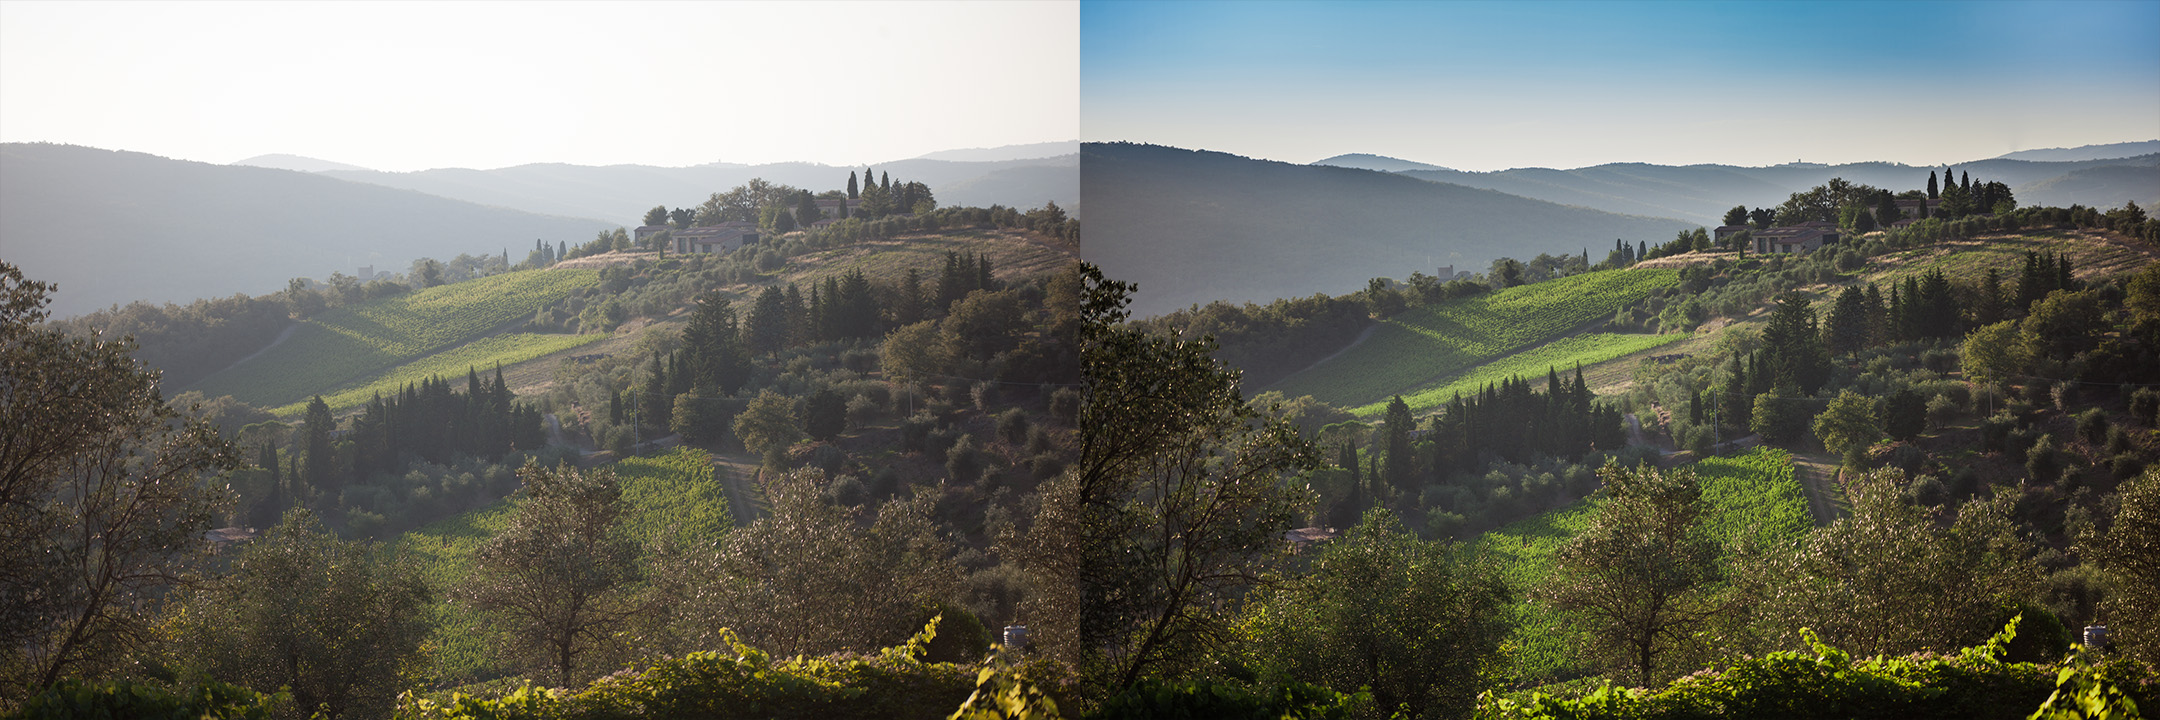 Confronto immagine raw e corretta by DiMMD esterno paesaggio con vigna